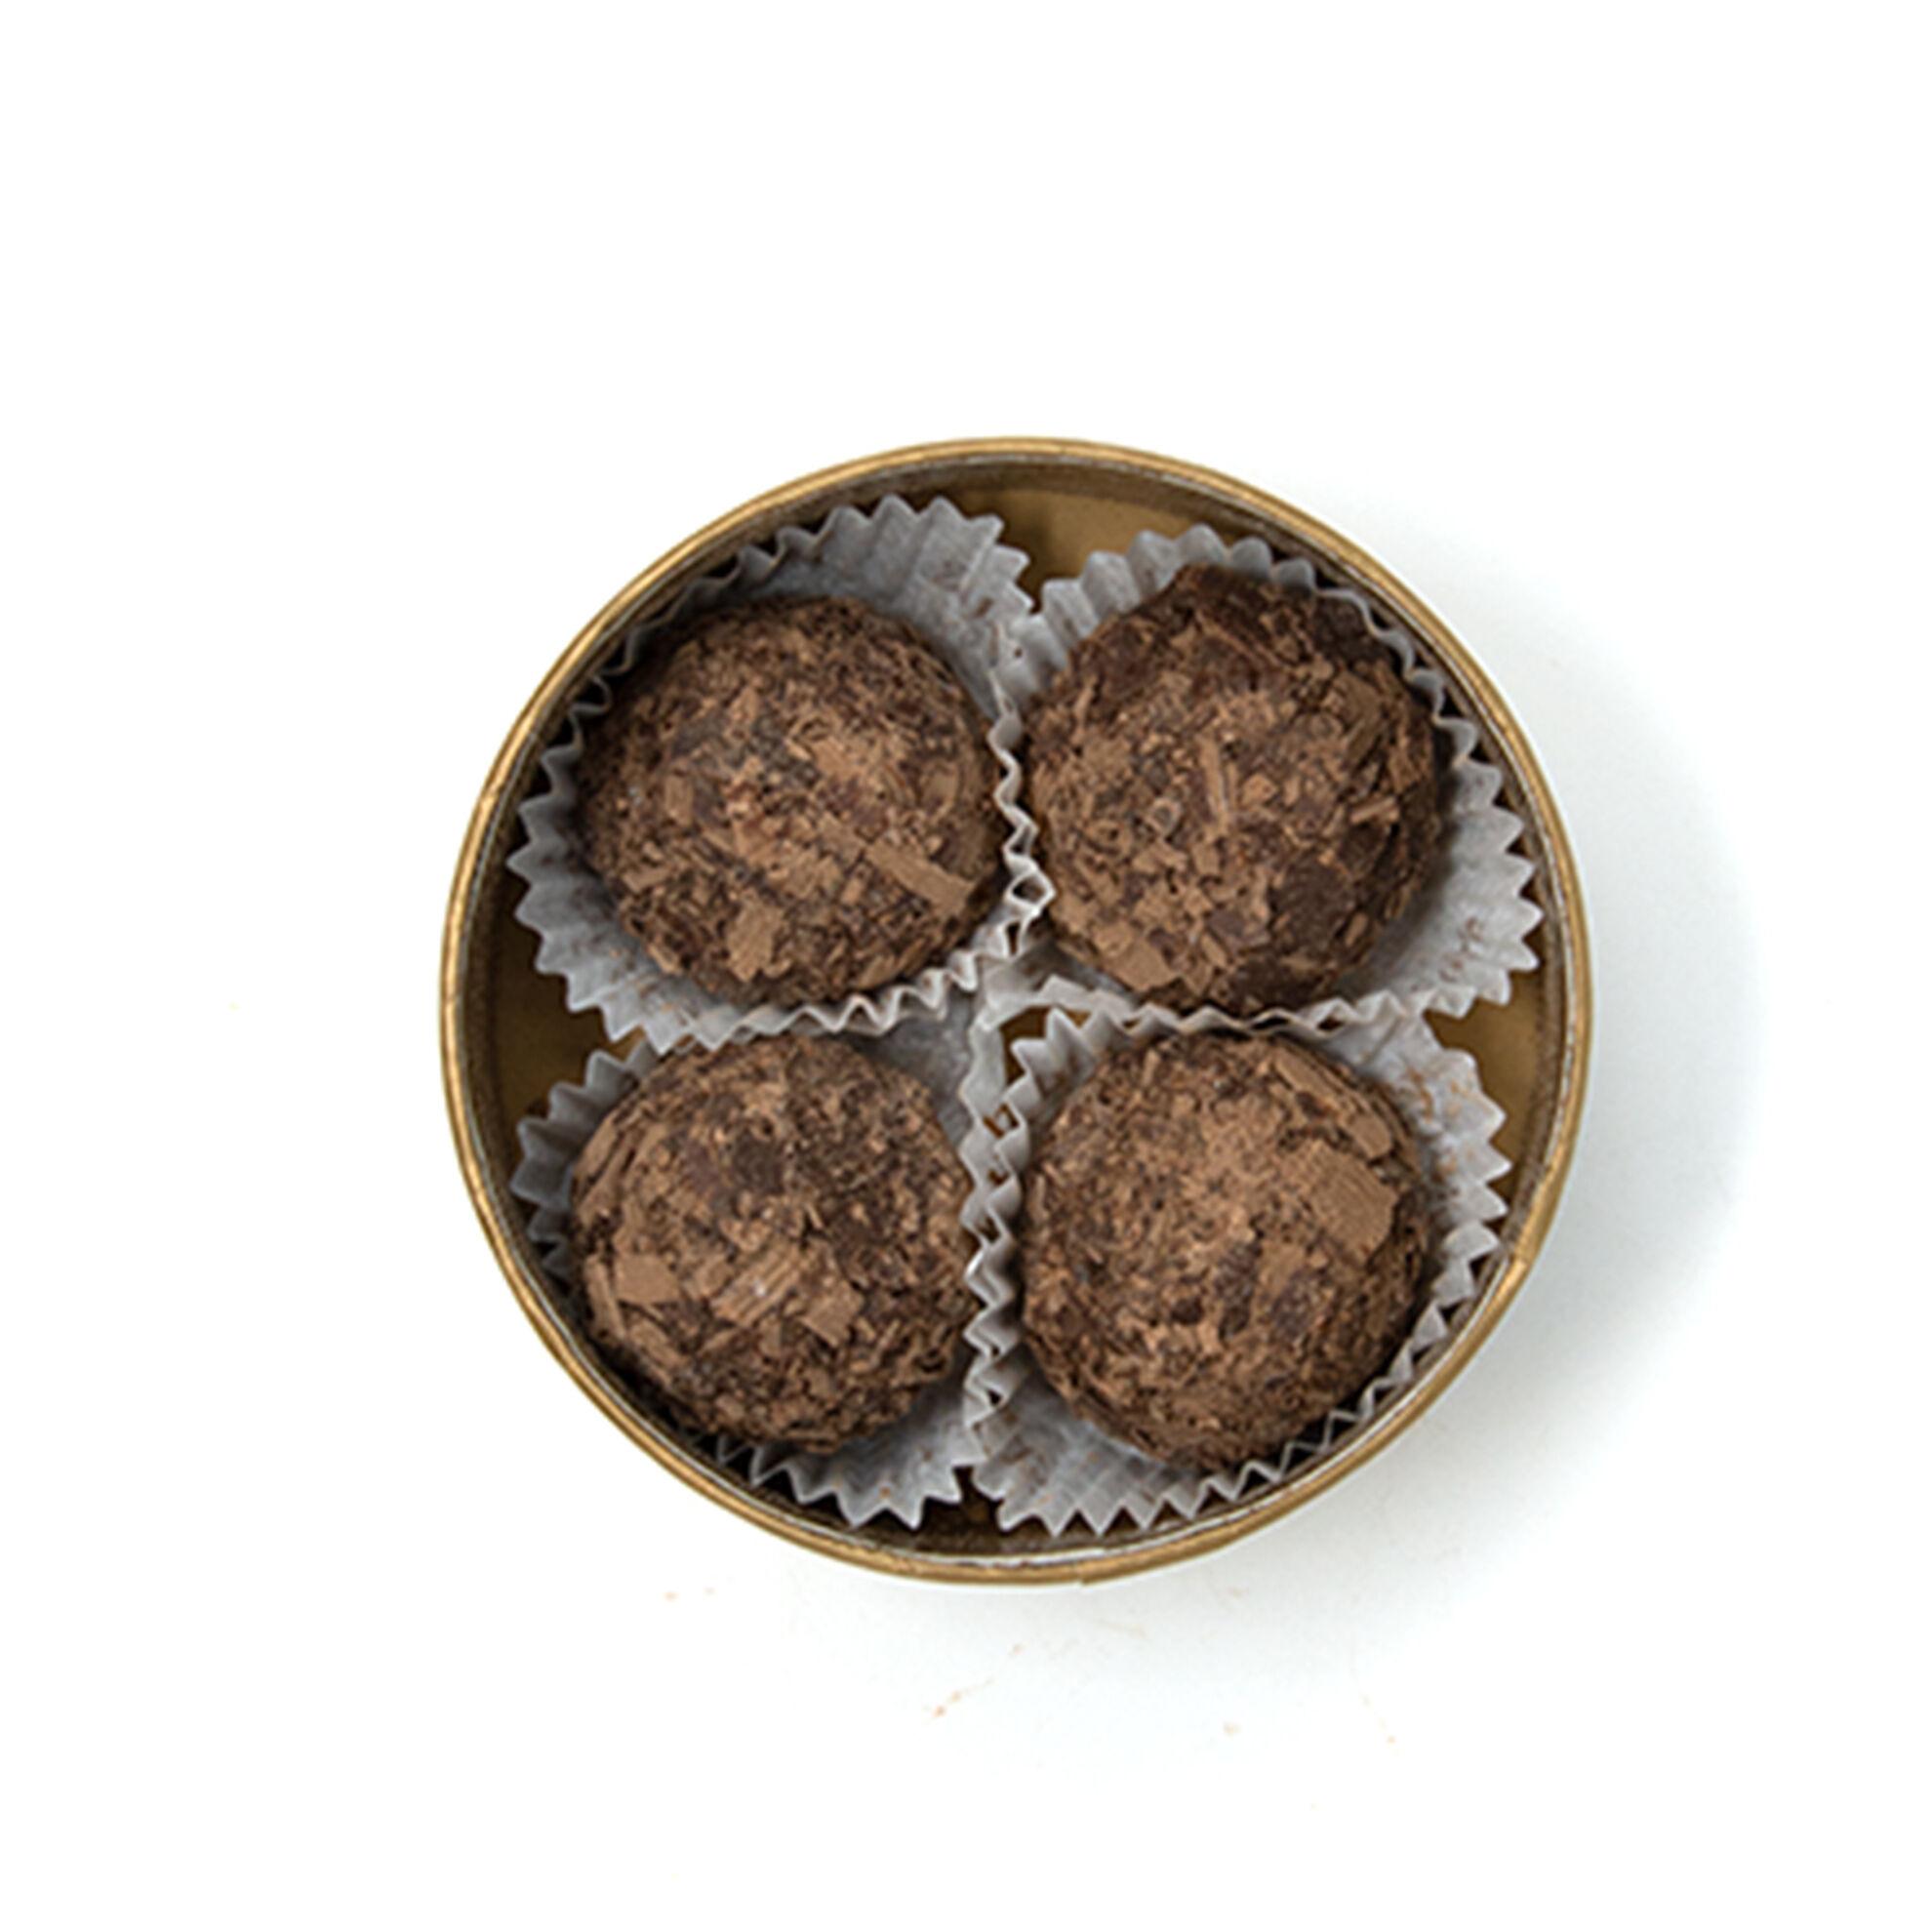 Dark Chocolate Truffles in Round Box 4 pcs image number 21